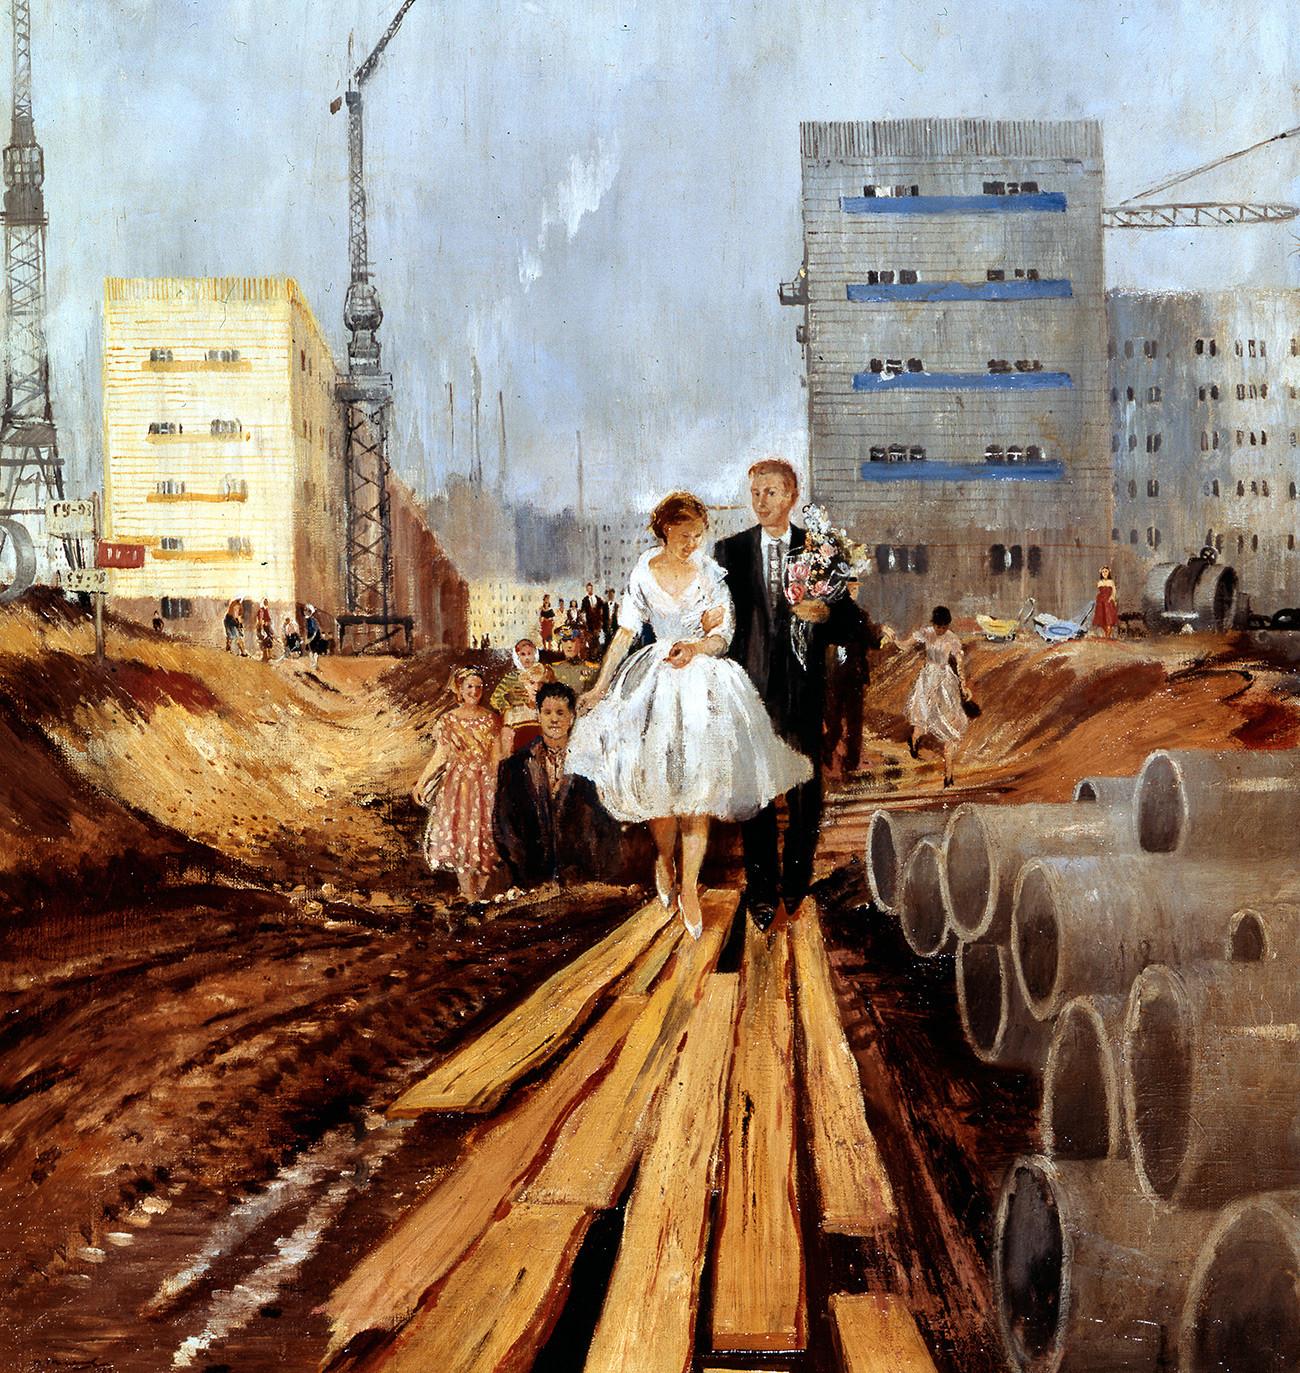 Mariage dans une rue de demain, 1962